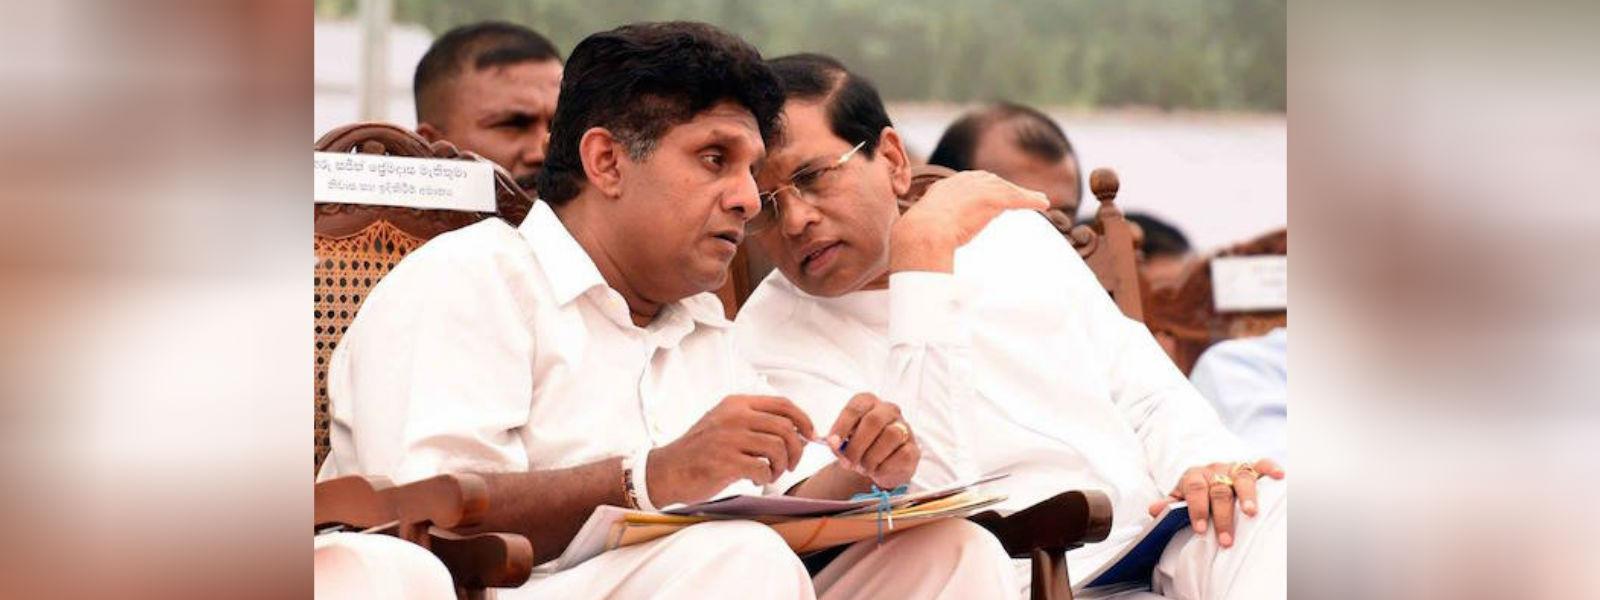 ஜனாதிபதி – அமைச்சர் சஜித் பிரேமதாச இடையே சந்திப்பு